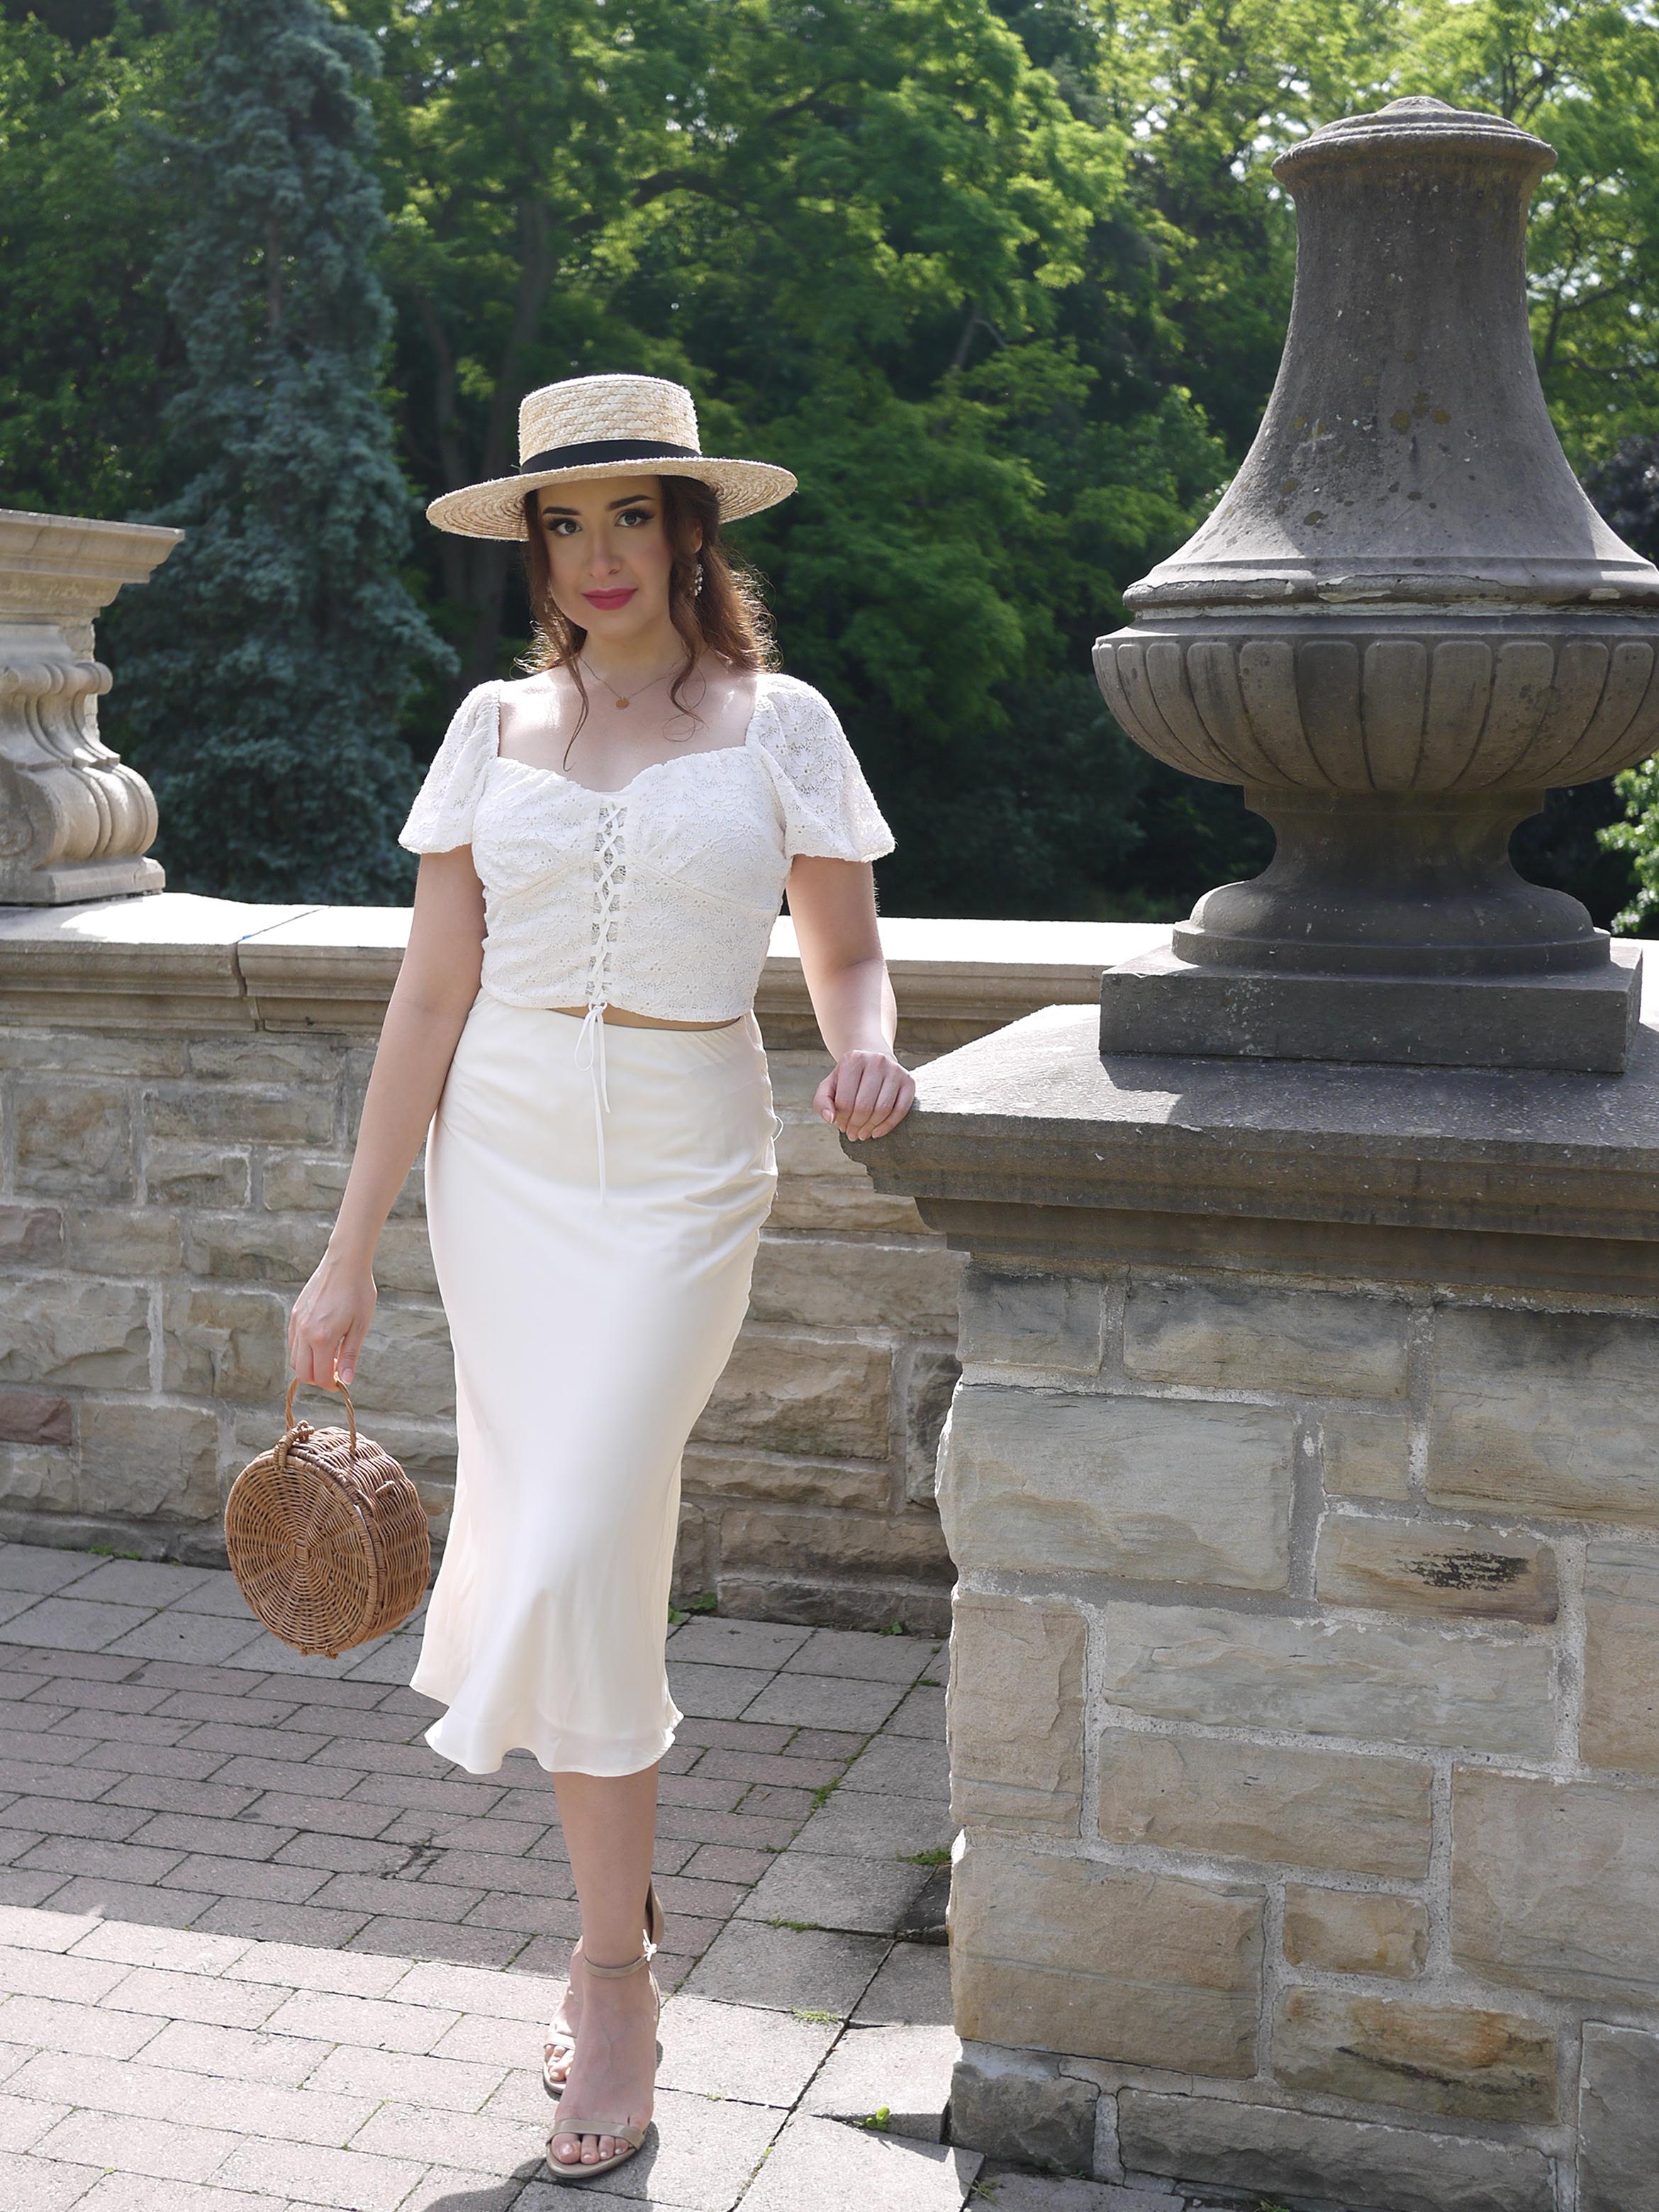 Racetrack Outfit | Sara du Jour